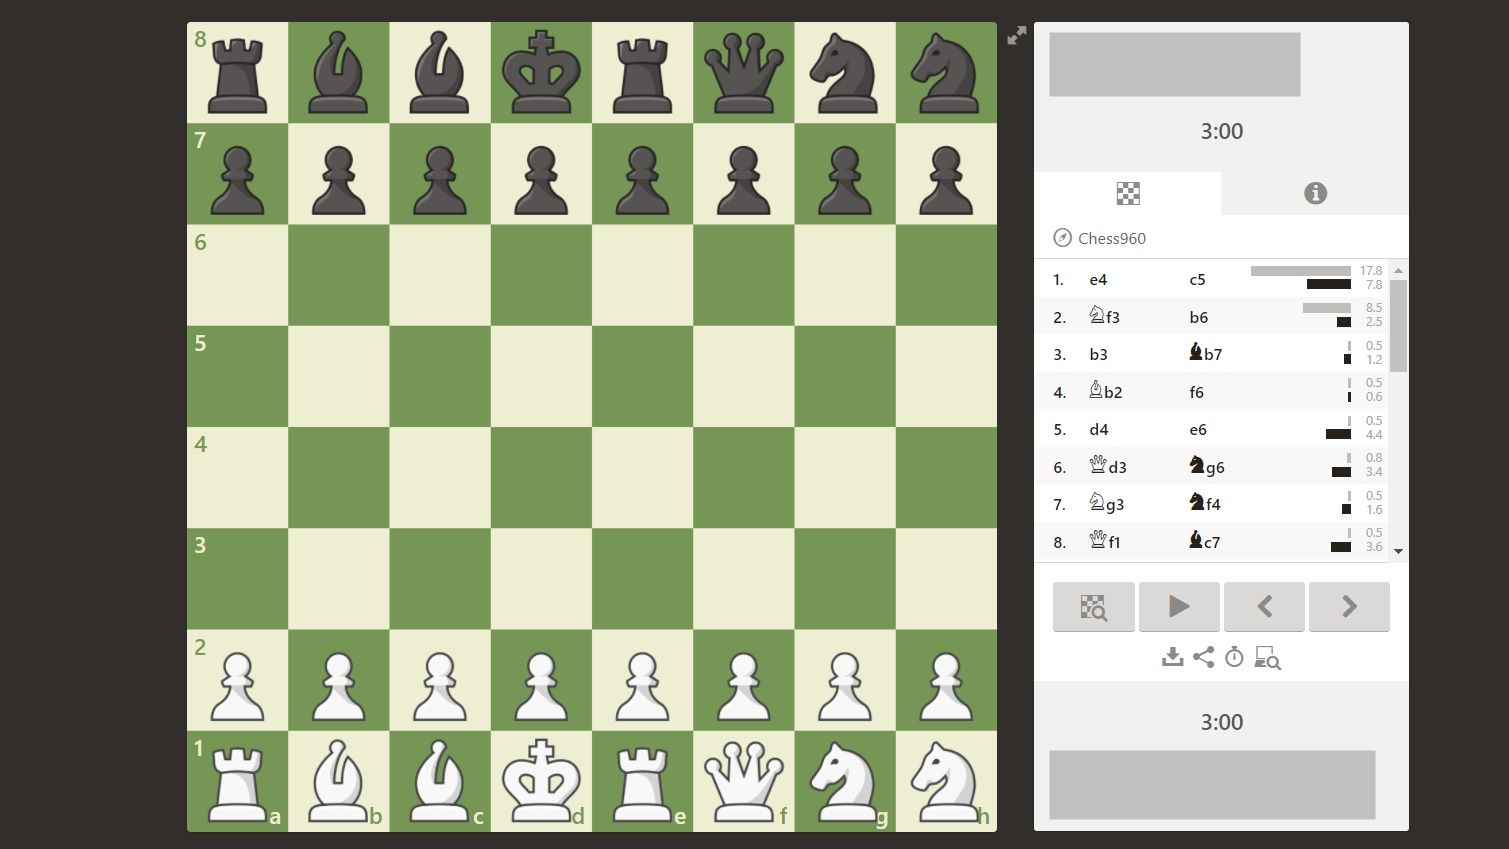 Chess960 Chess Variant